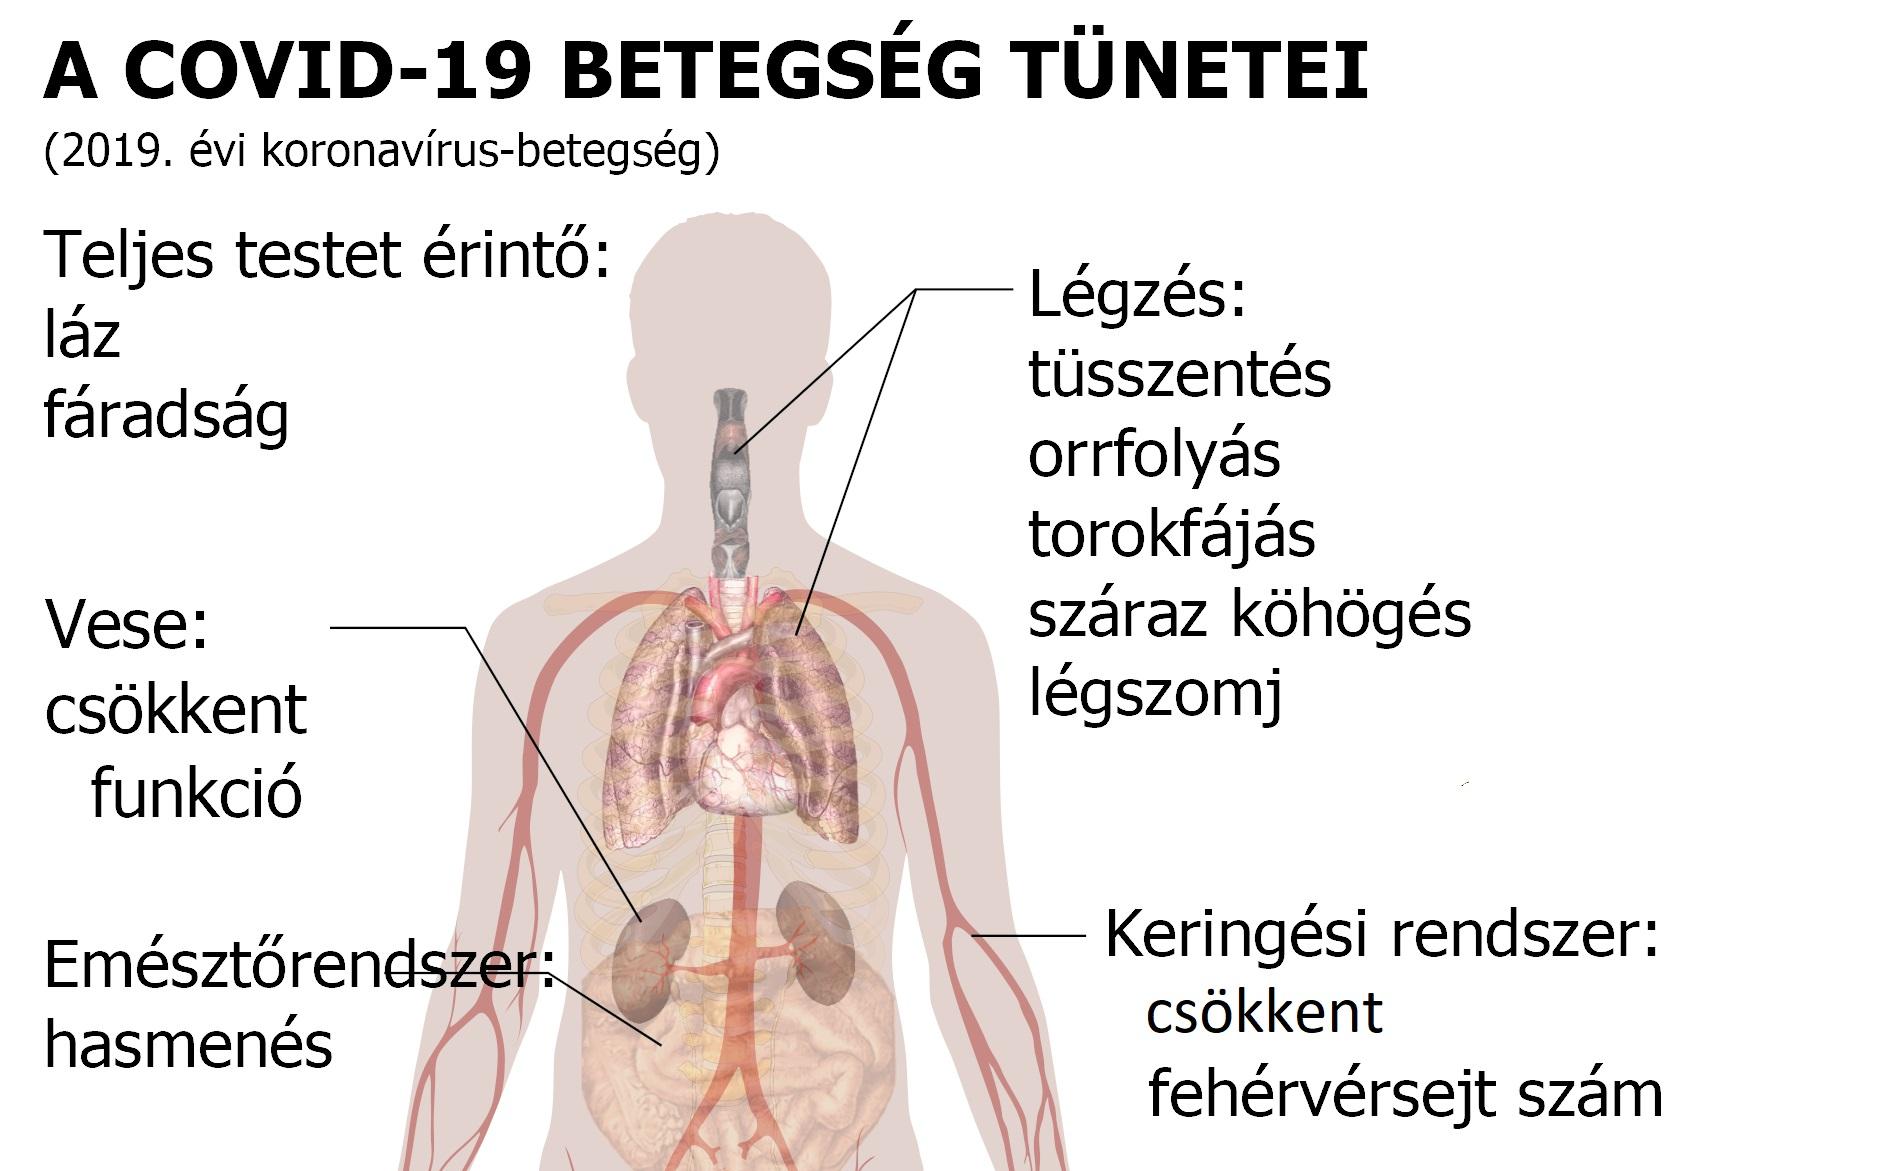 a magas vérnyomás alternatív kezelésének módszerei magas vérnyomás esetén hogyan kell kezelni a köhögést